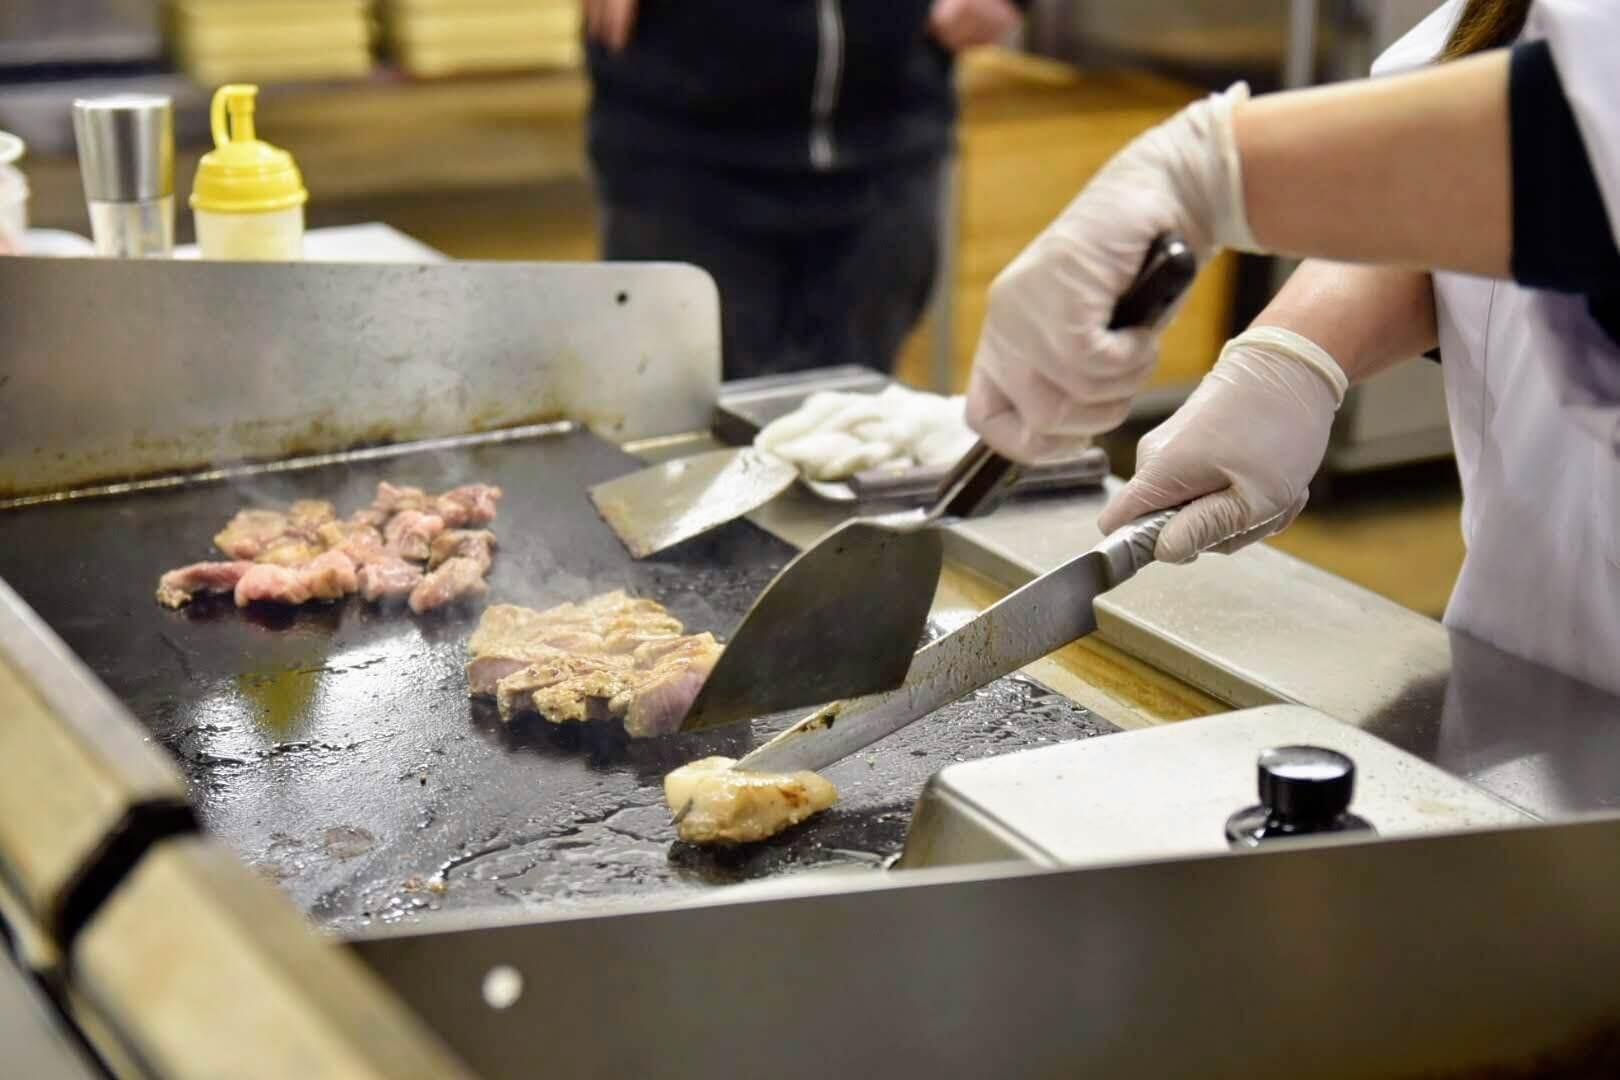 鉄板でステーキを焼いているシーン